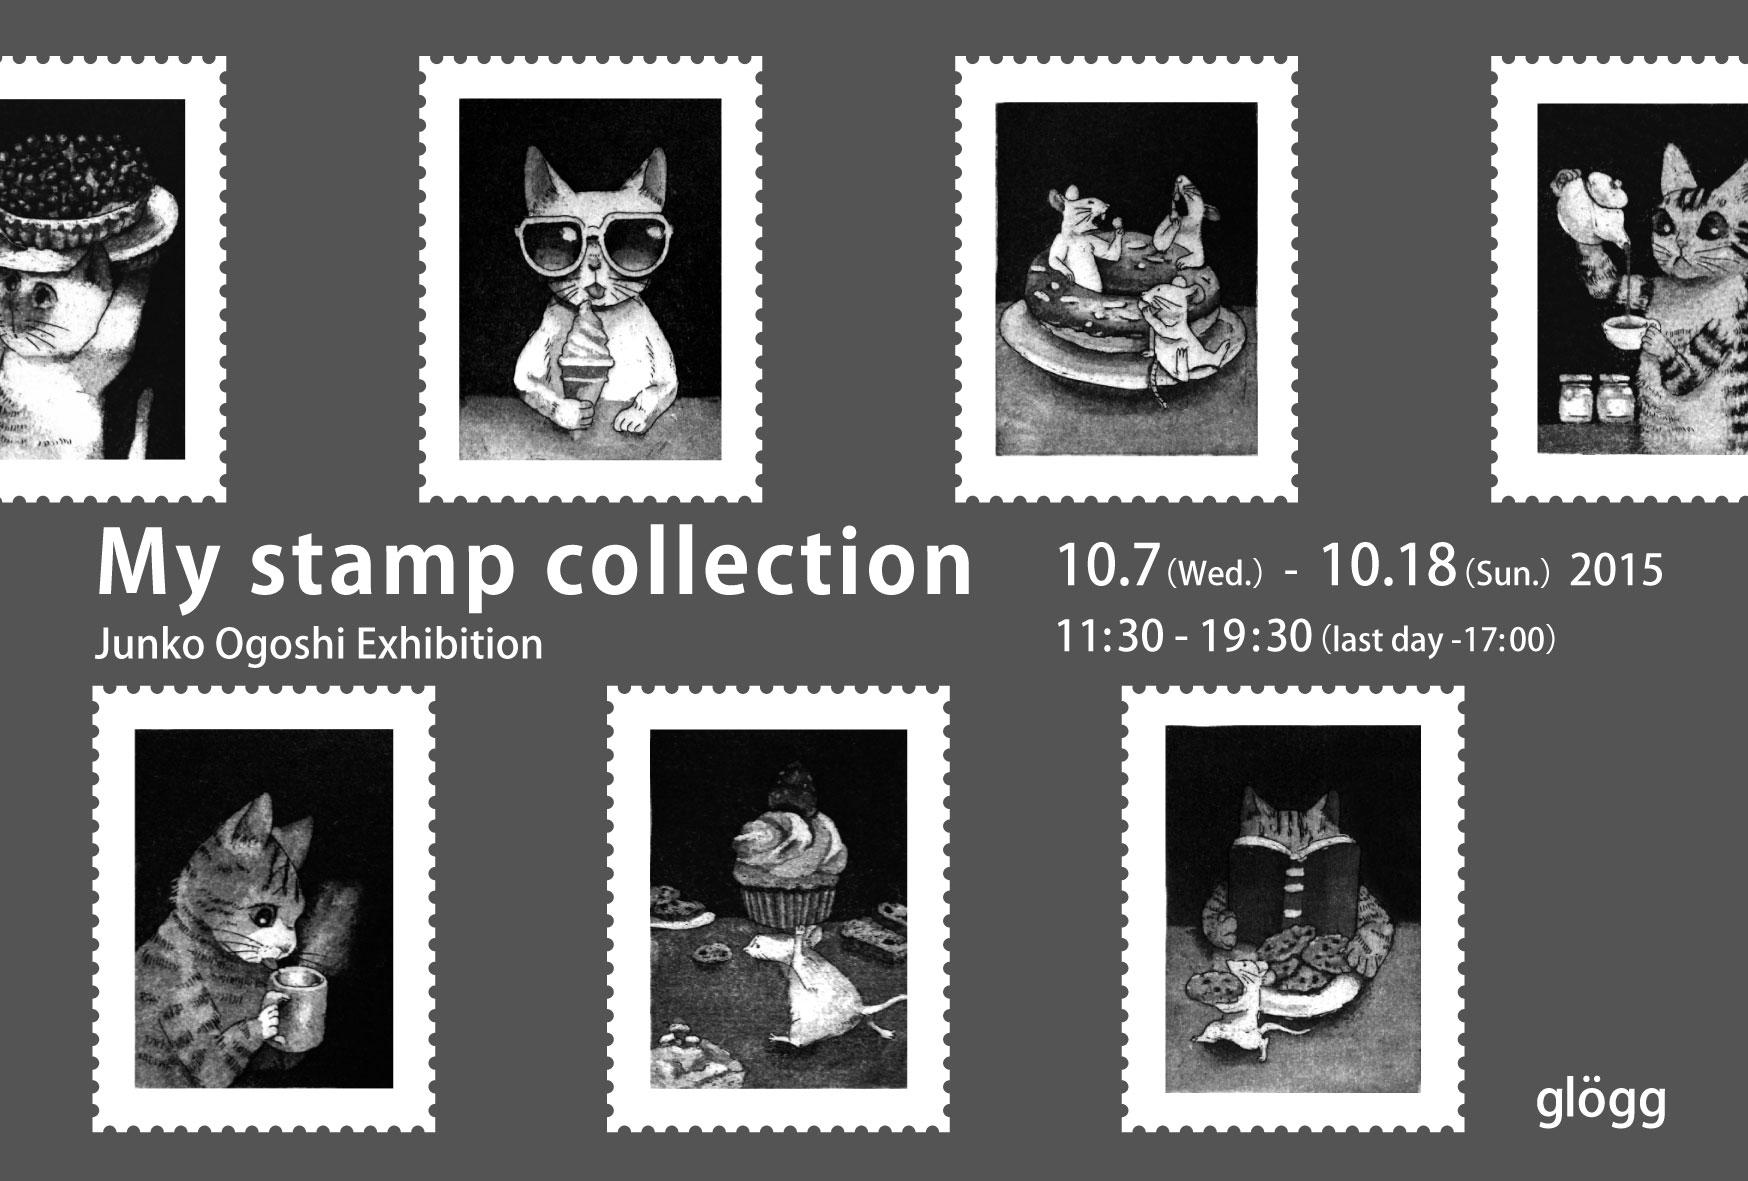 大越順子個展私の切手コレクションDM